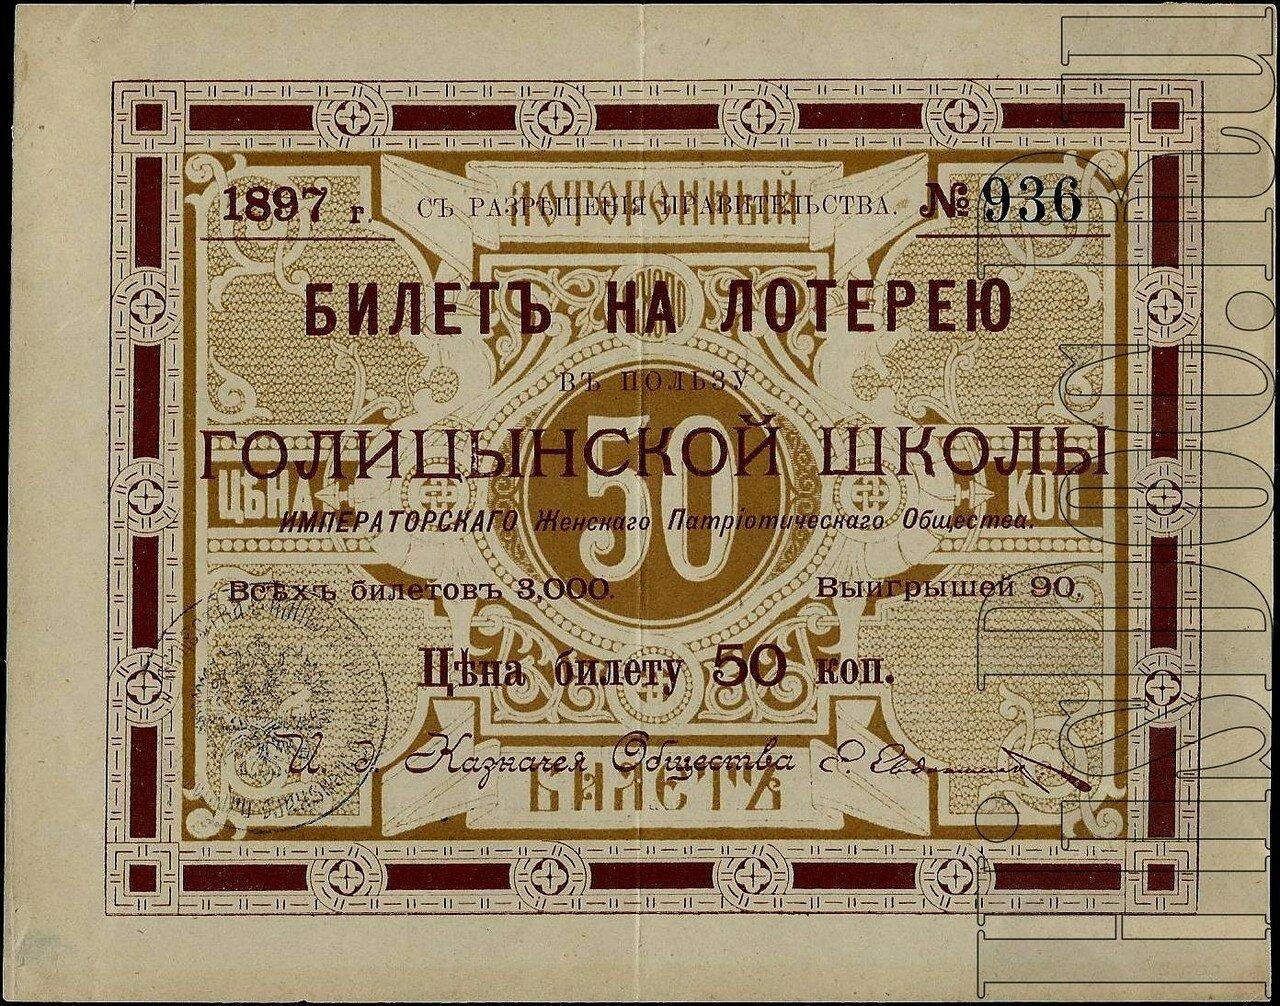 1897. Билет на лотерею в пользу Голицынской школы Императорского женского патриотического общества, 50 копеек